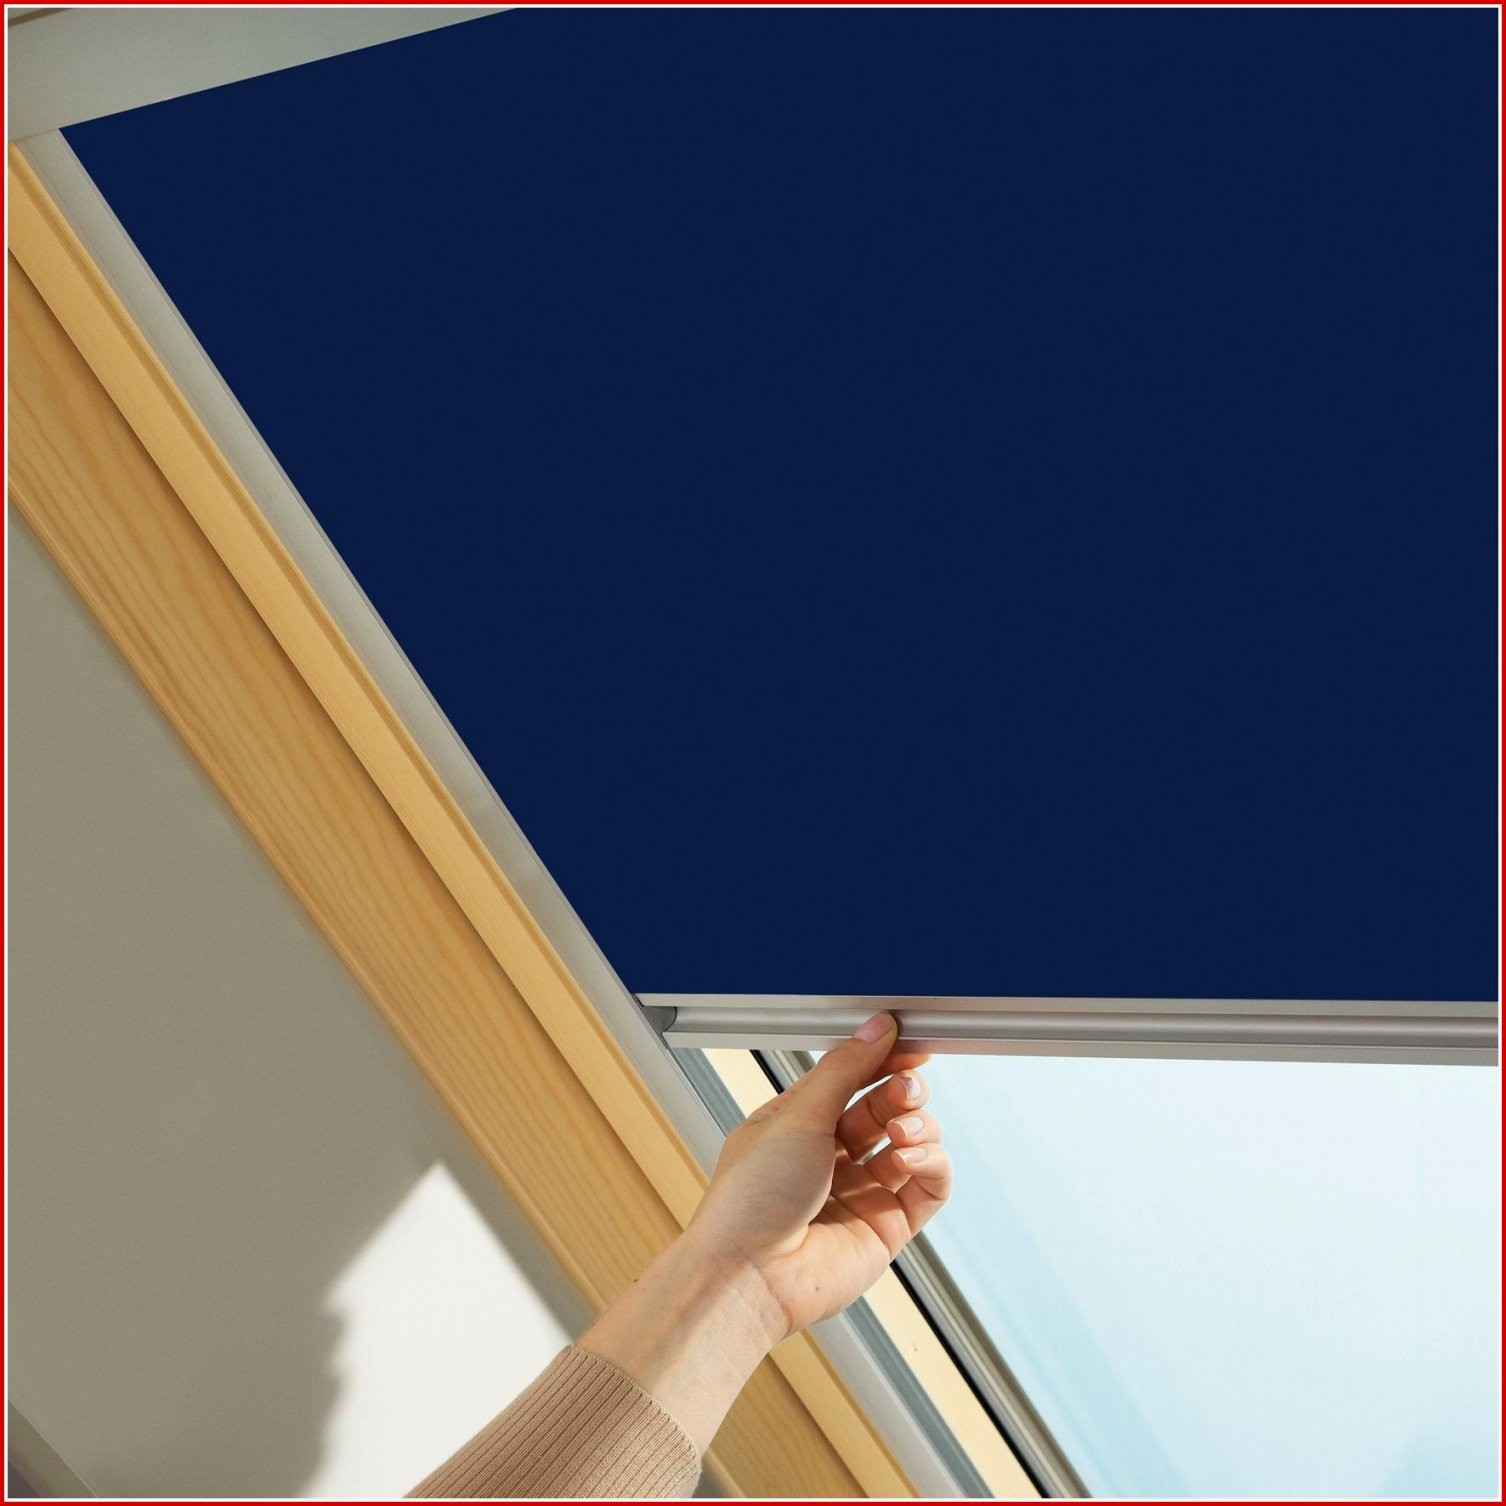 Perfekt Velux Jalousien Velux Jaloezie Lichtdoorlatend Handbediend von Rollos Velux Fenster Bild